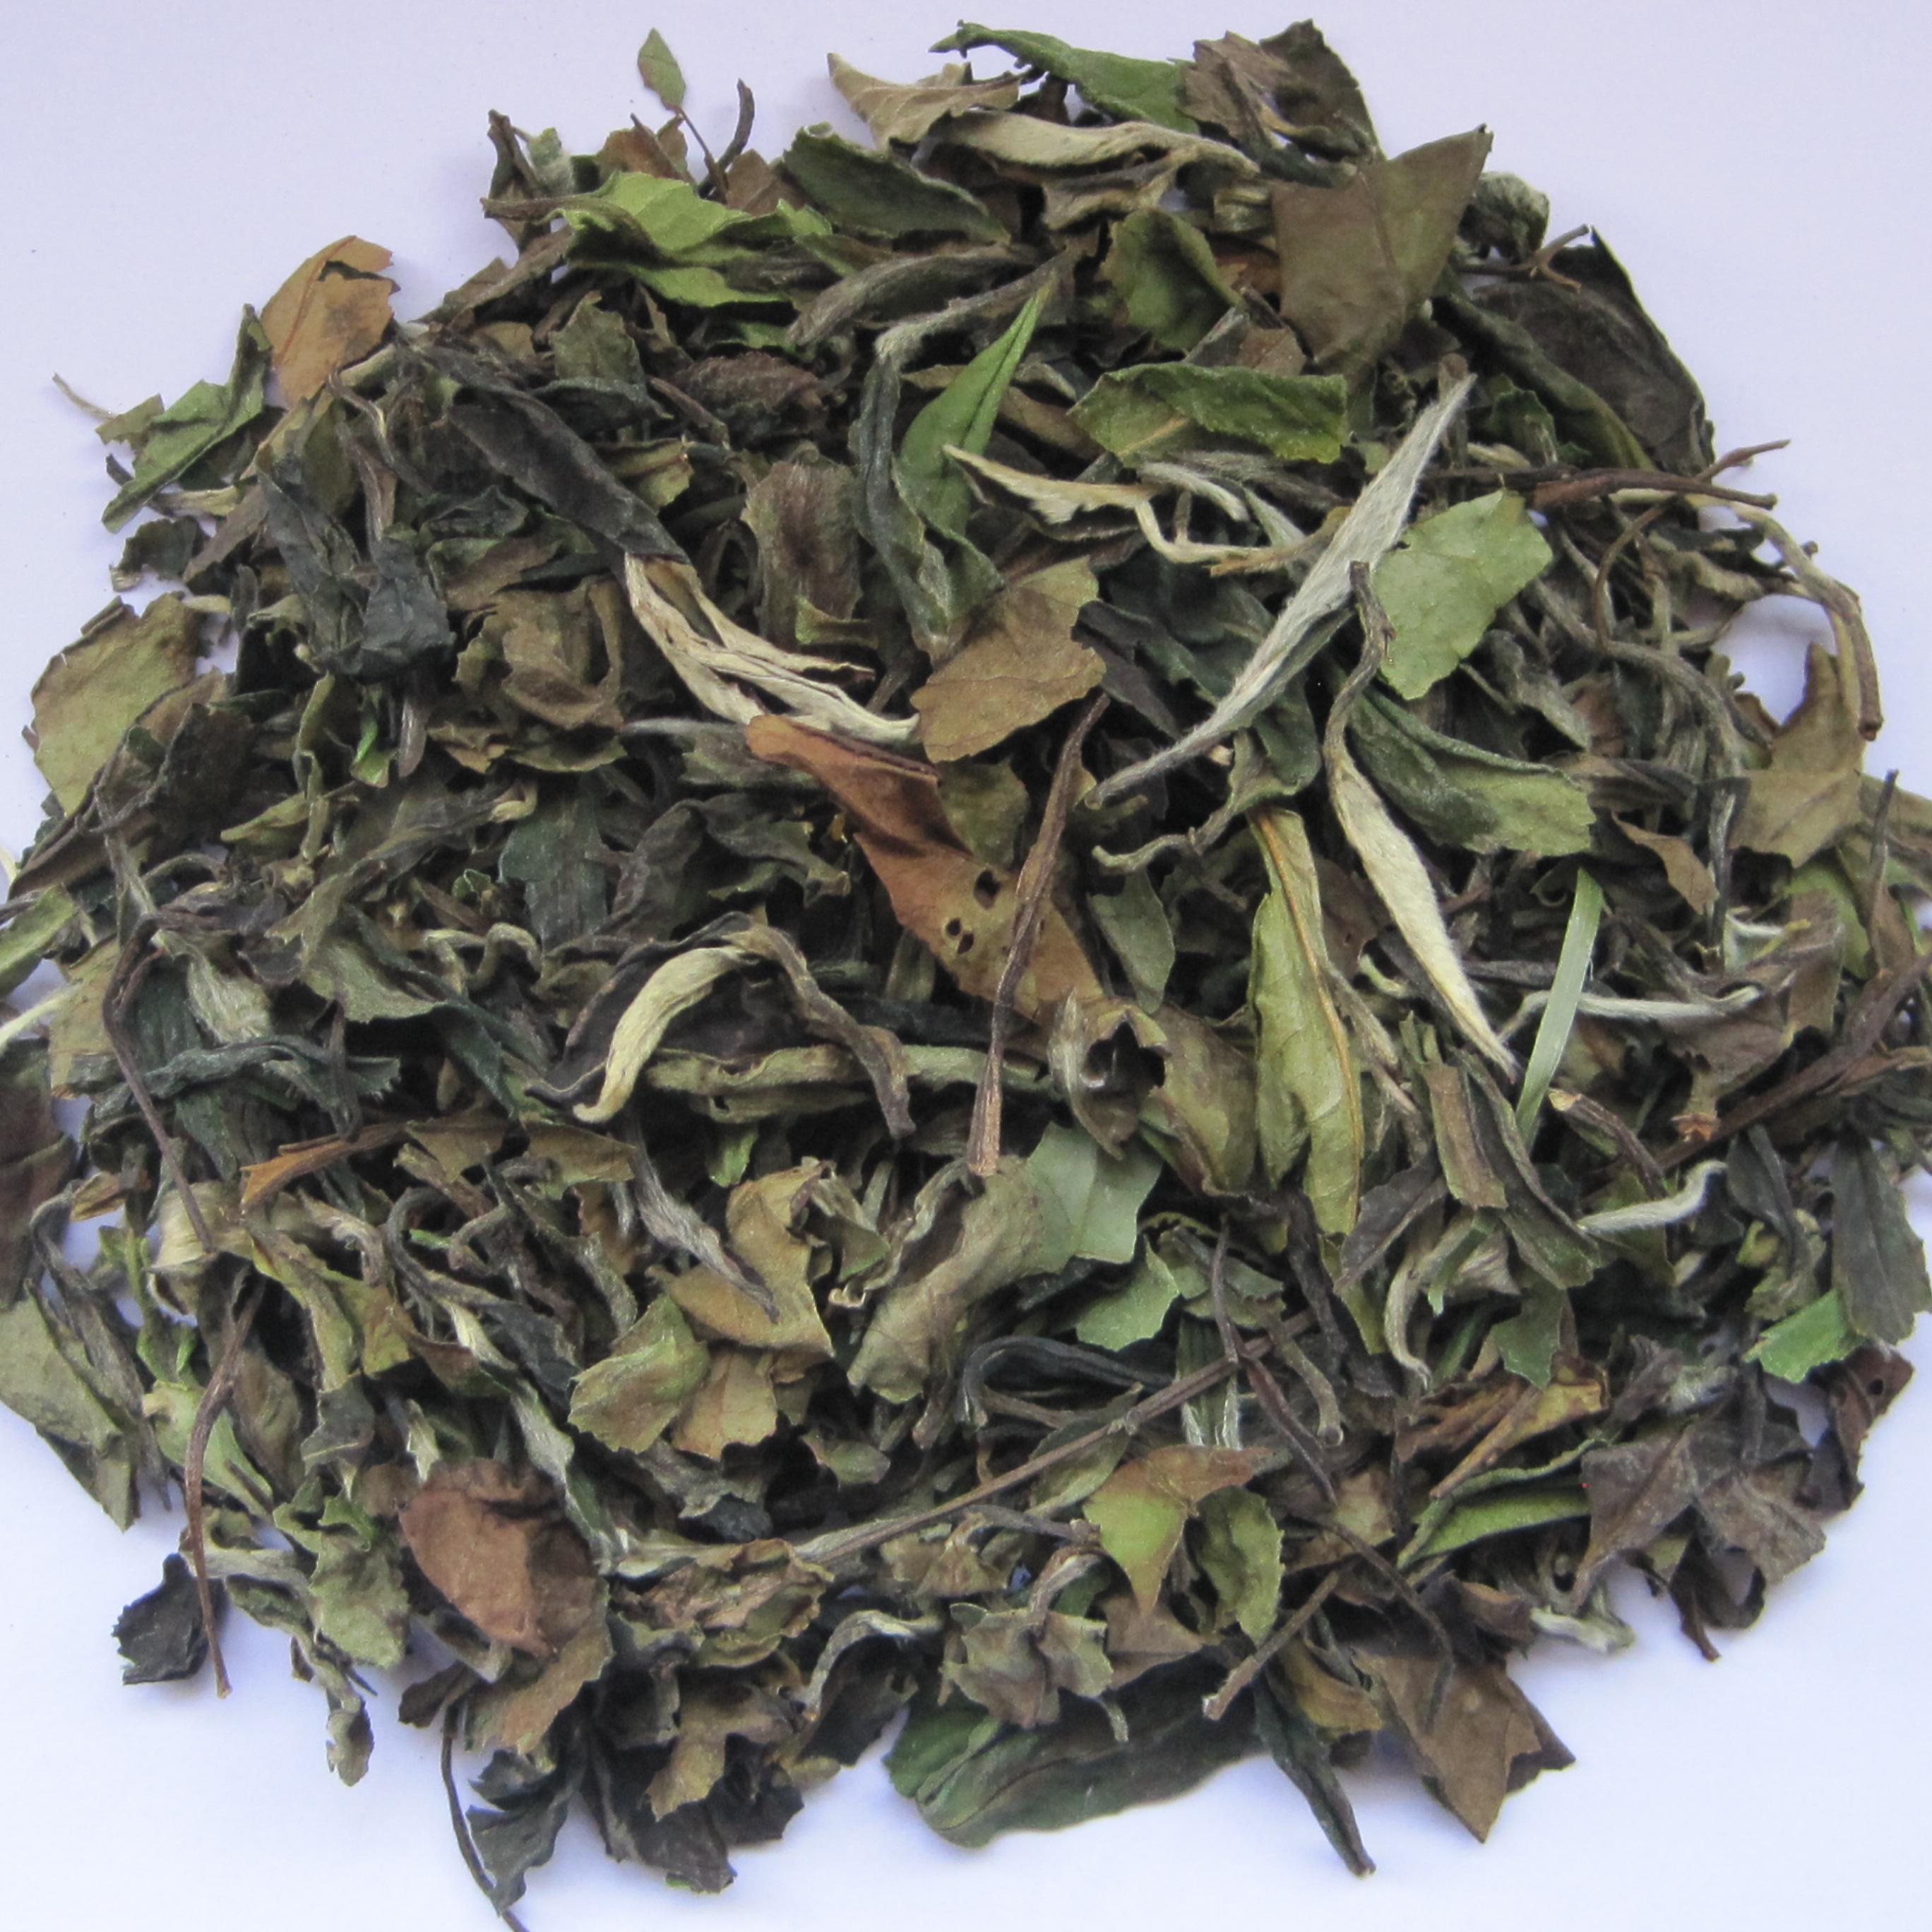 Chinese Eu compliant White tea price fujian White Peony tea - 4uTea   4uTea.com